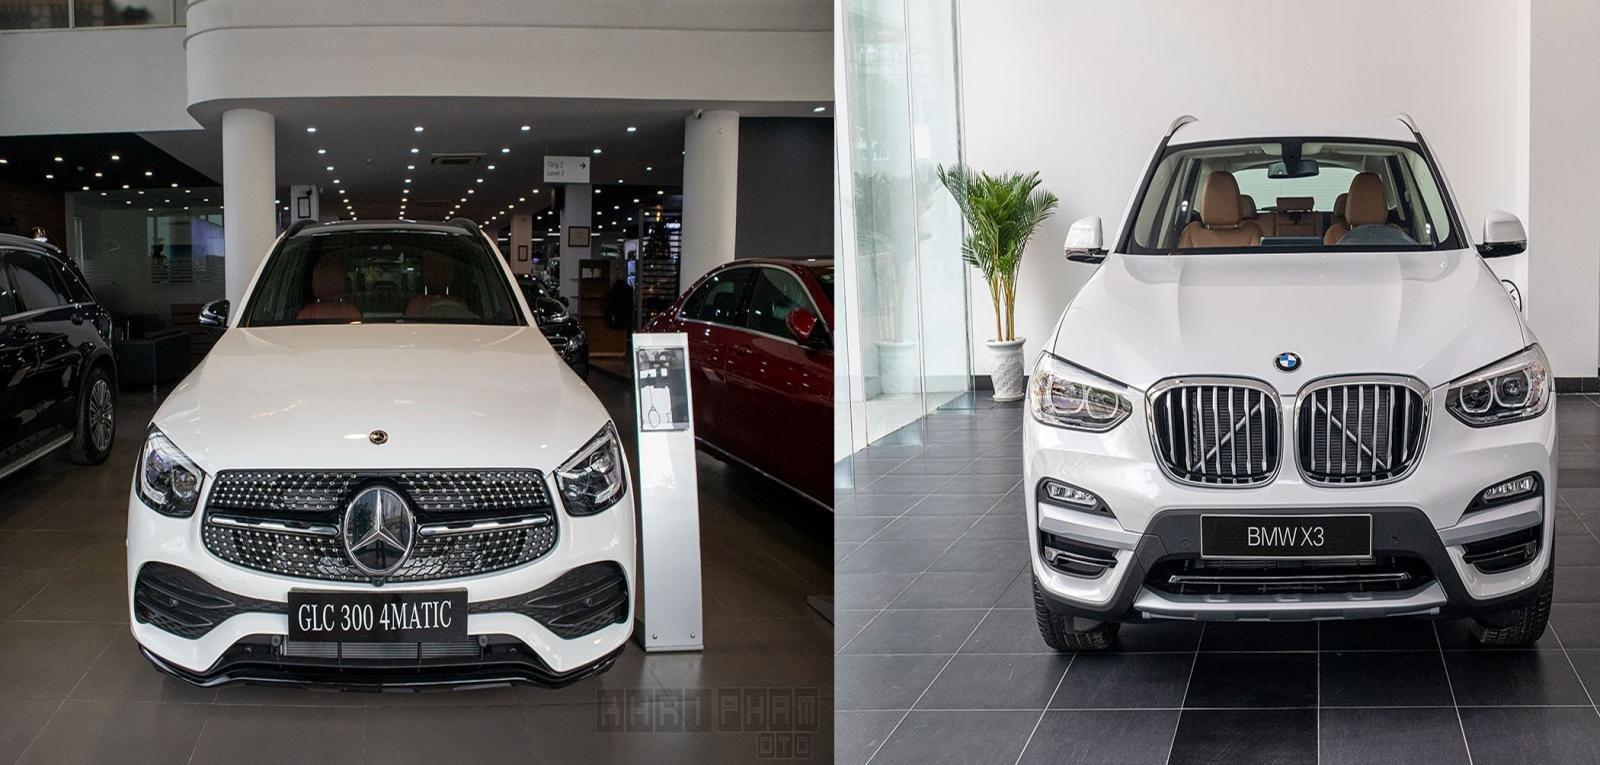 Ảnh chụp trước xe Mercedes-Benz GLC 300 2020 và BMW X3 2020